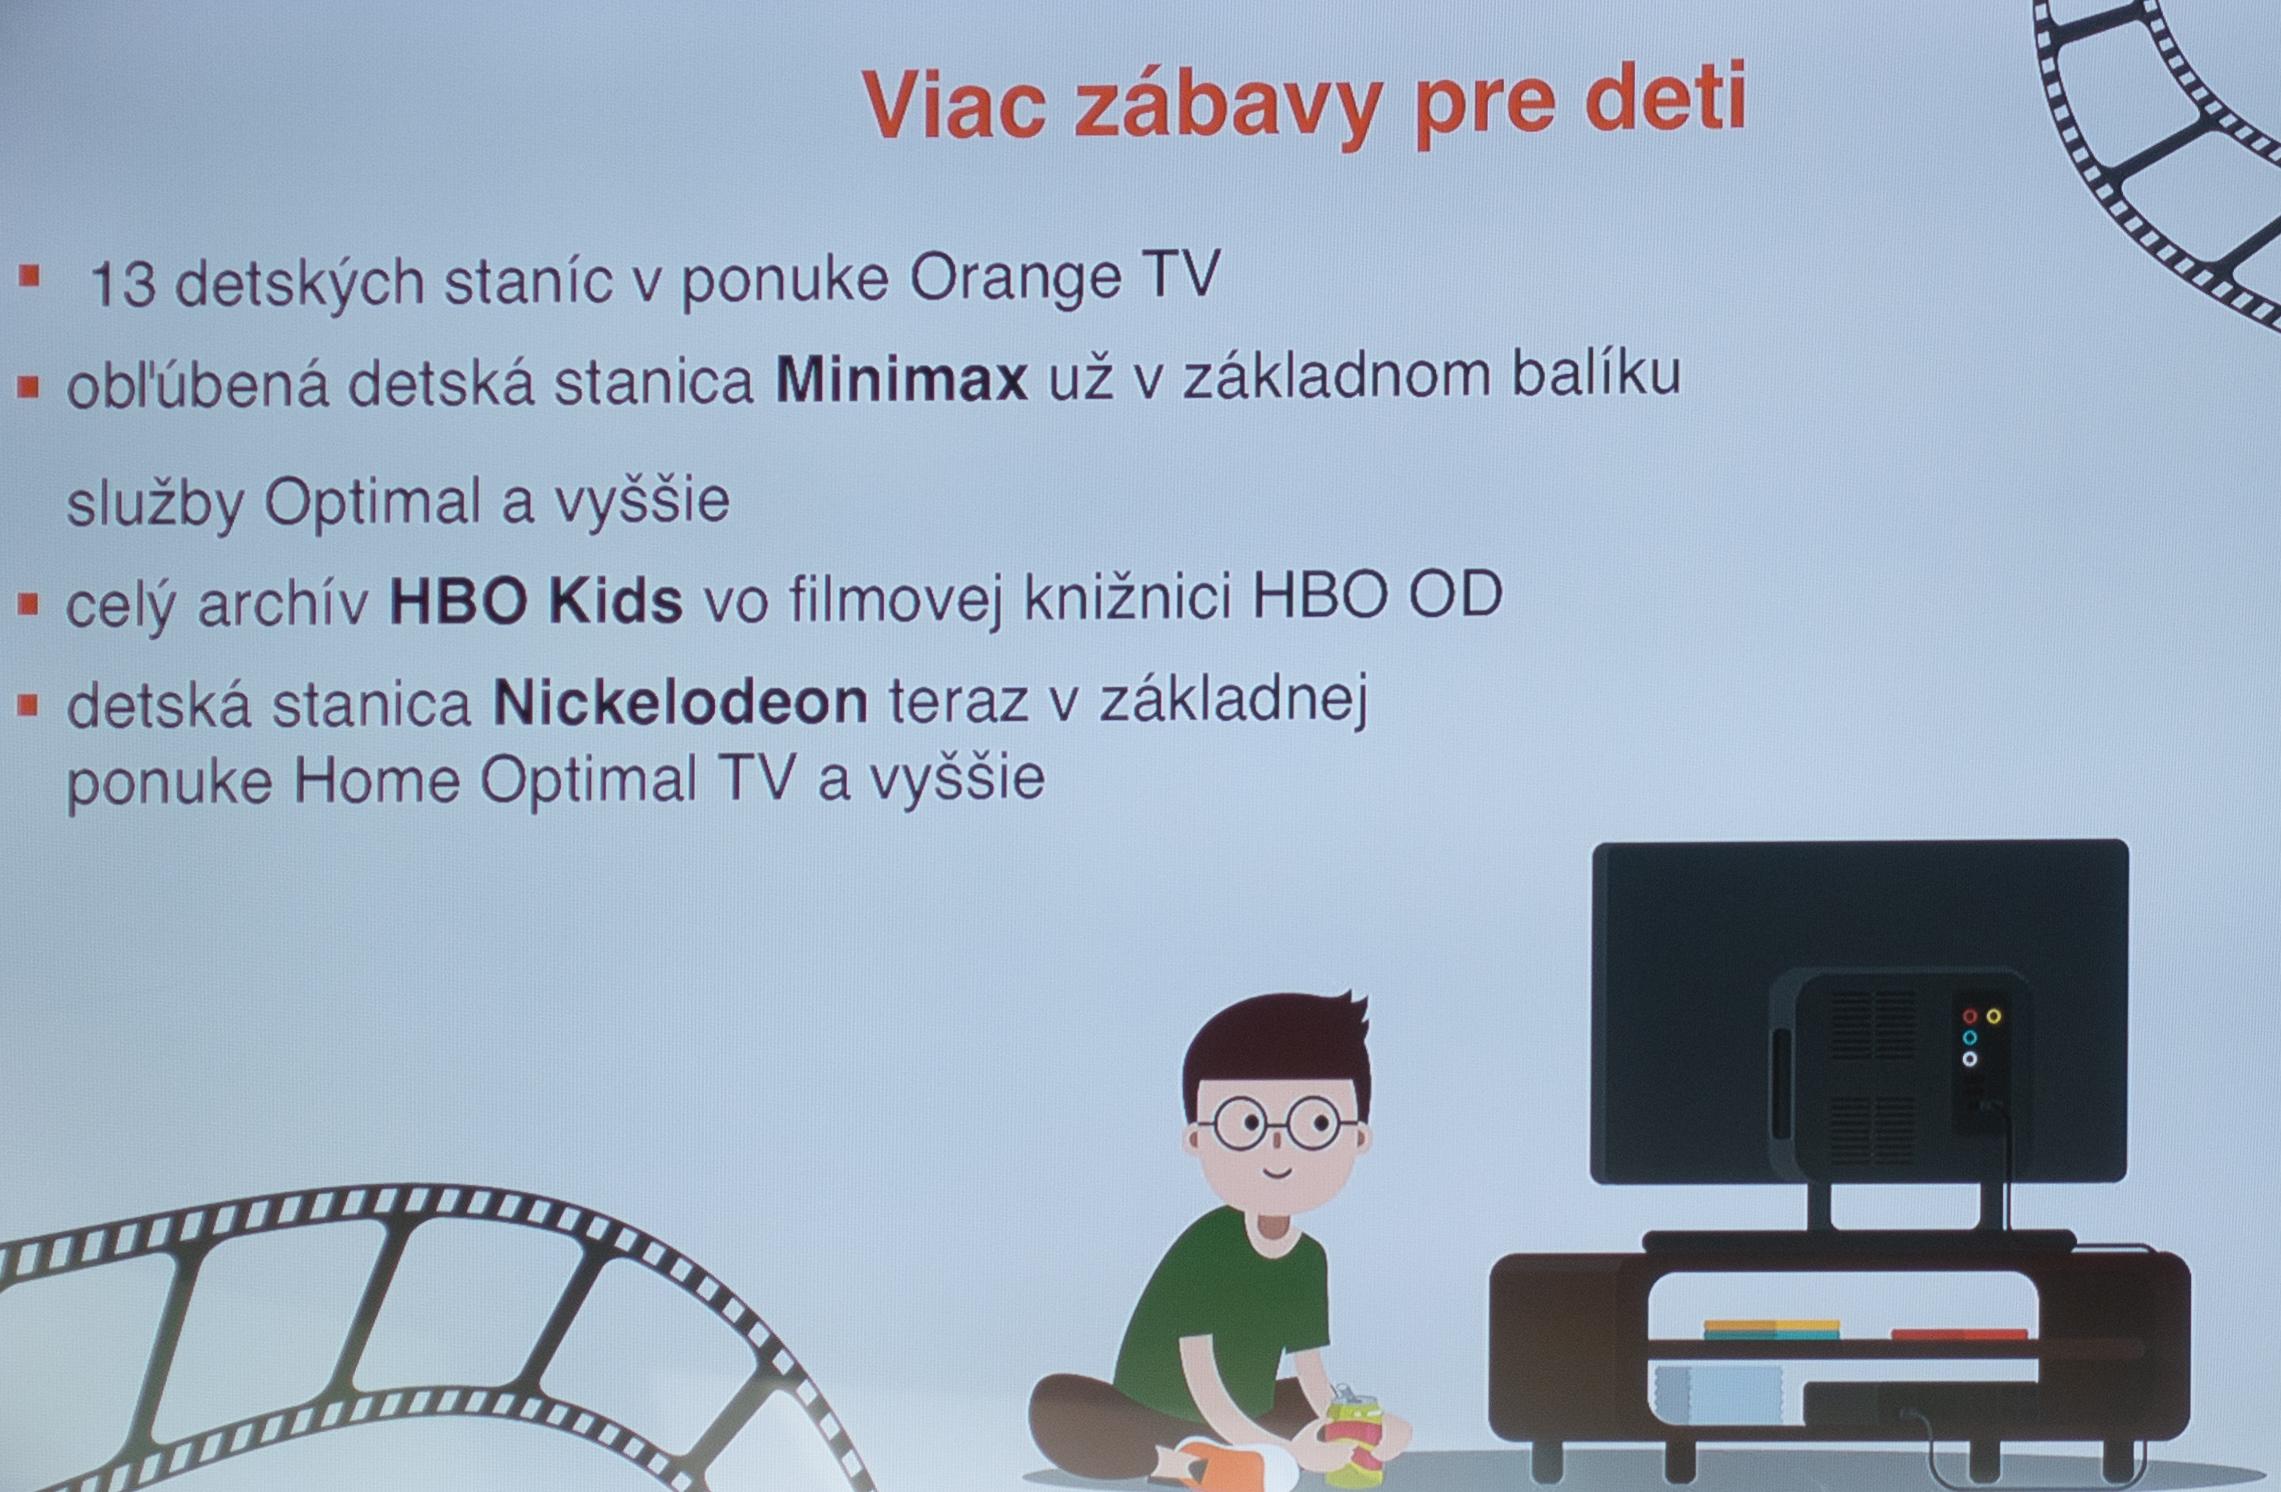 571ae14c3 Každý zákazník, ktorý si teraz objedná službu Orange TV (cez satelit,  optiku alebo internet) s viazanosťou na 24 mesiacov, si môže vybrať balík  HBO (stanice ...